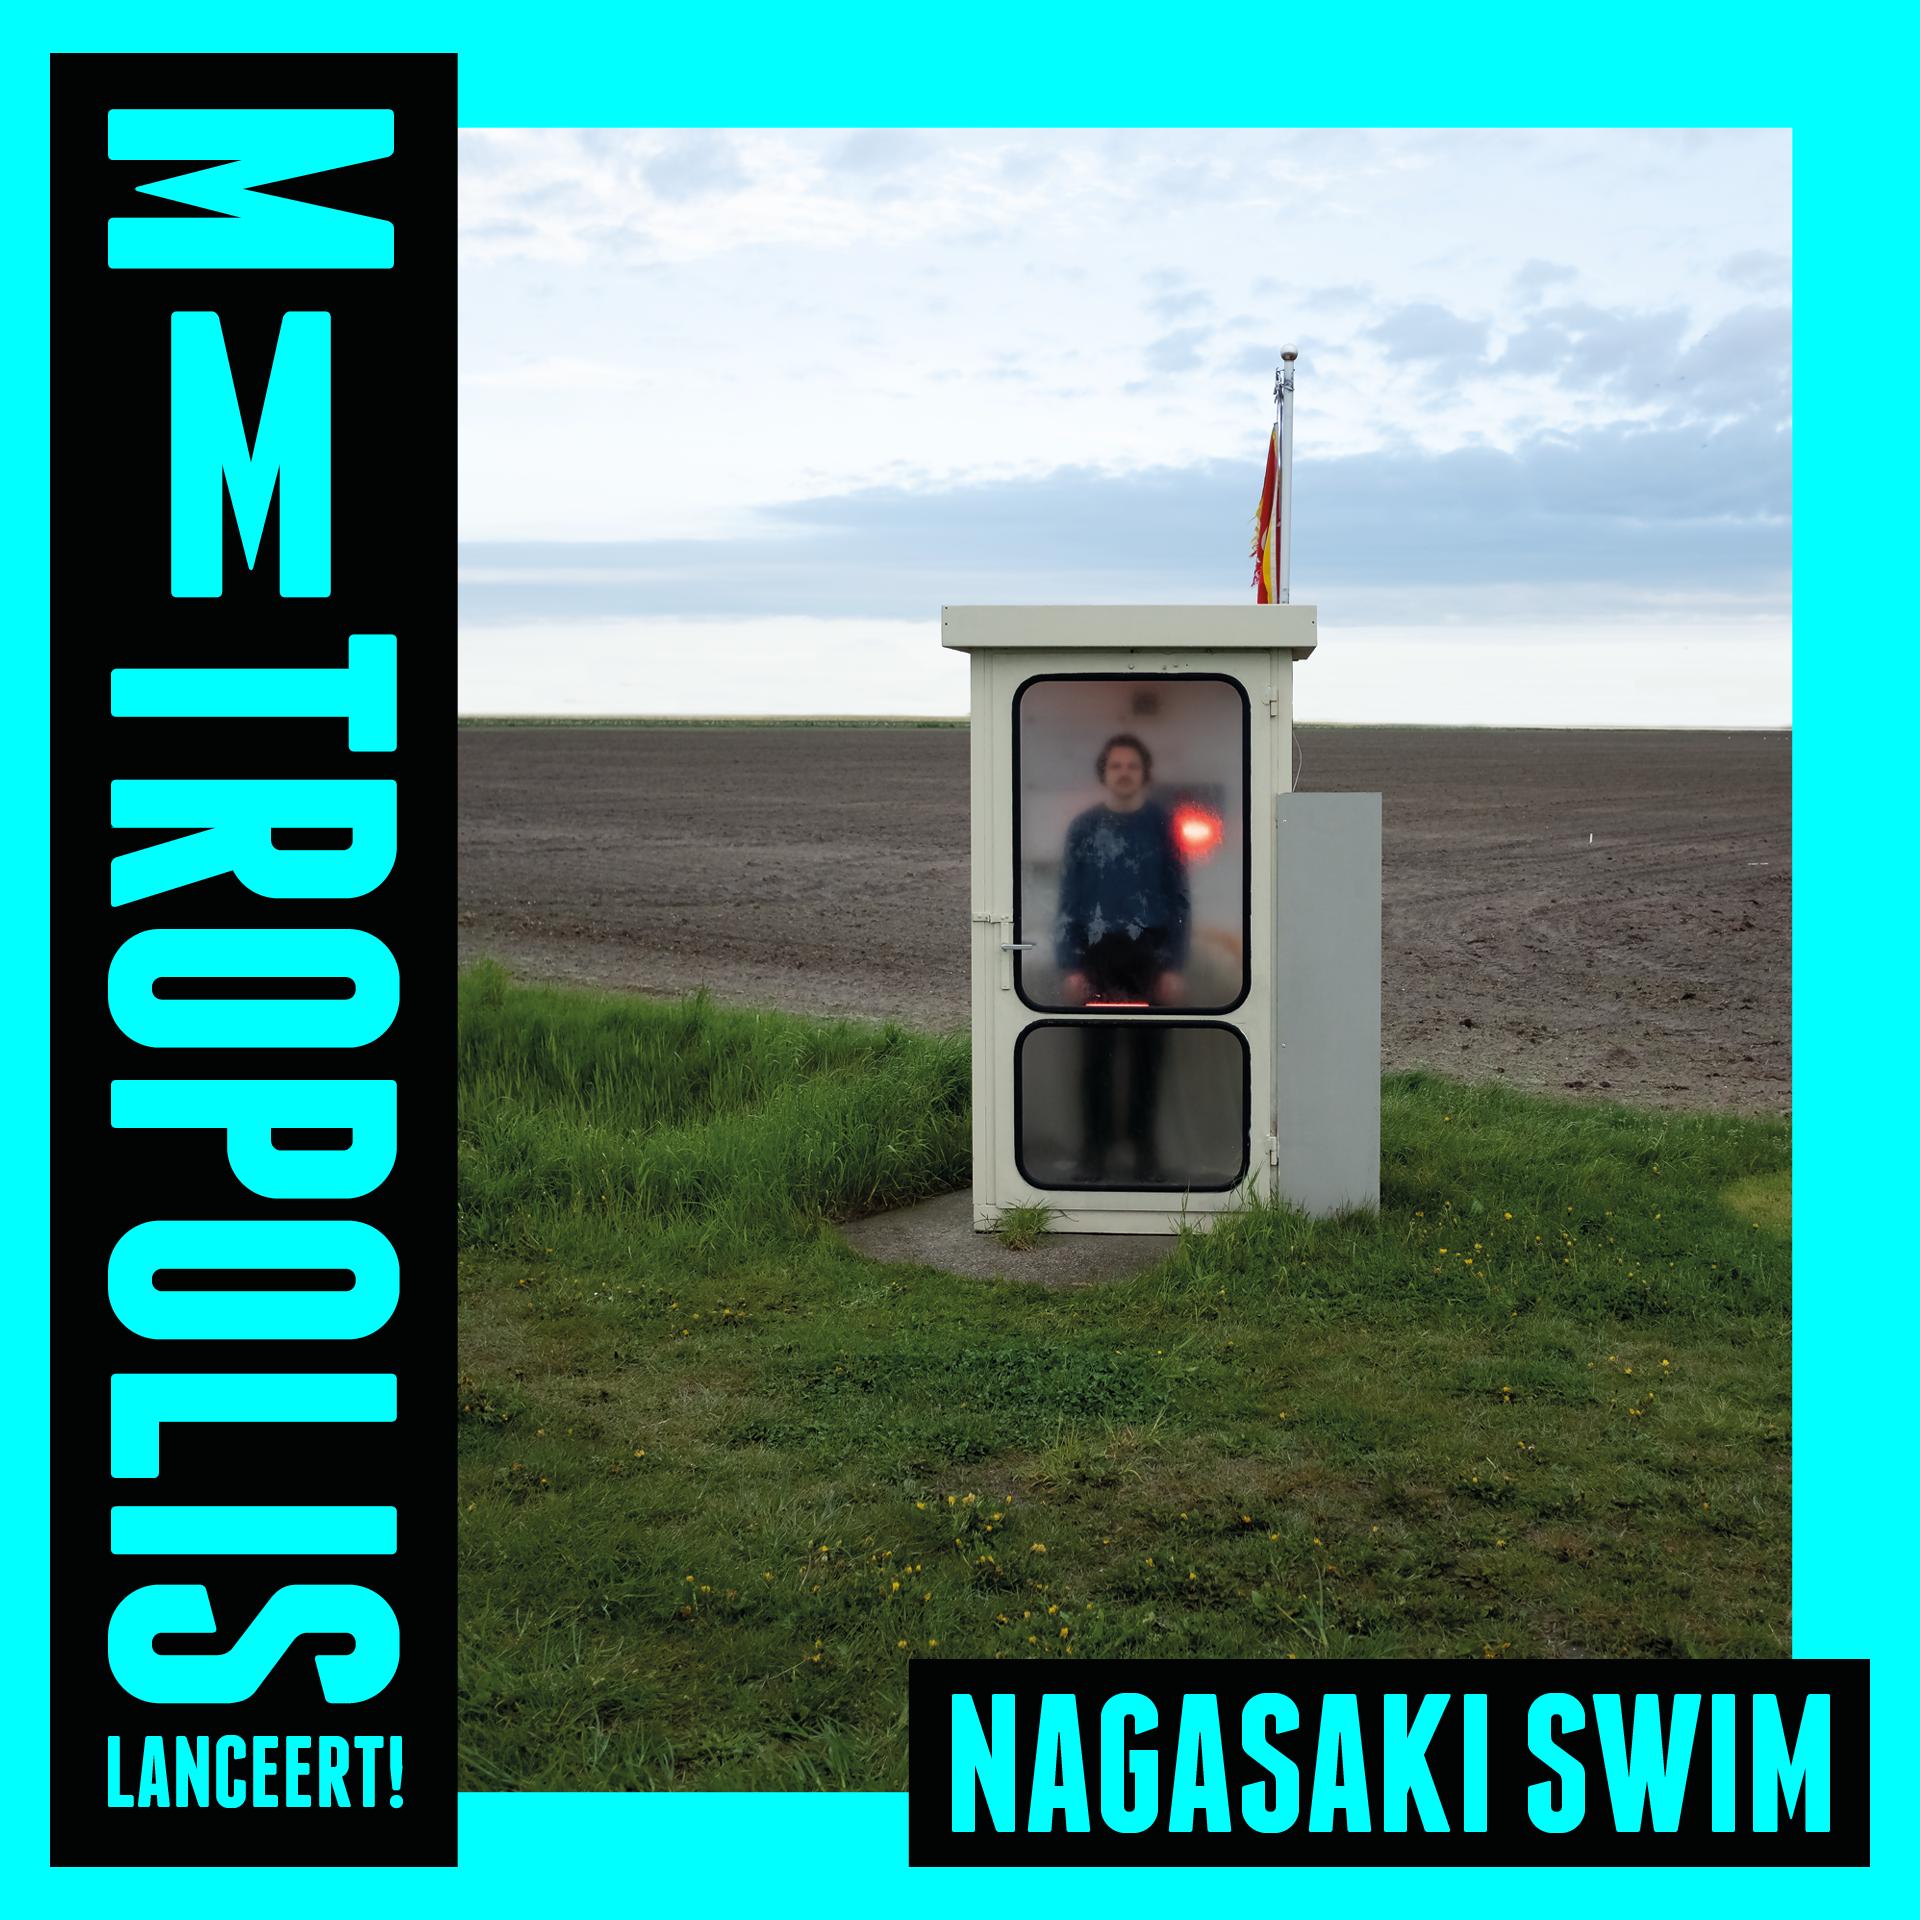 Metropolis Lanceert Nagasaki Swim